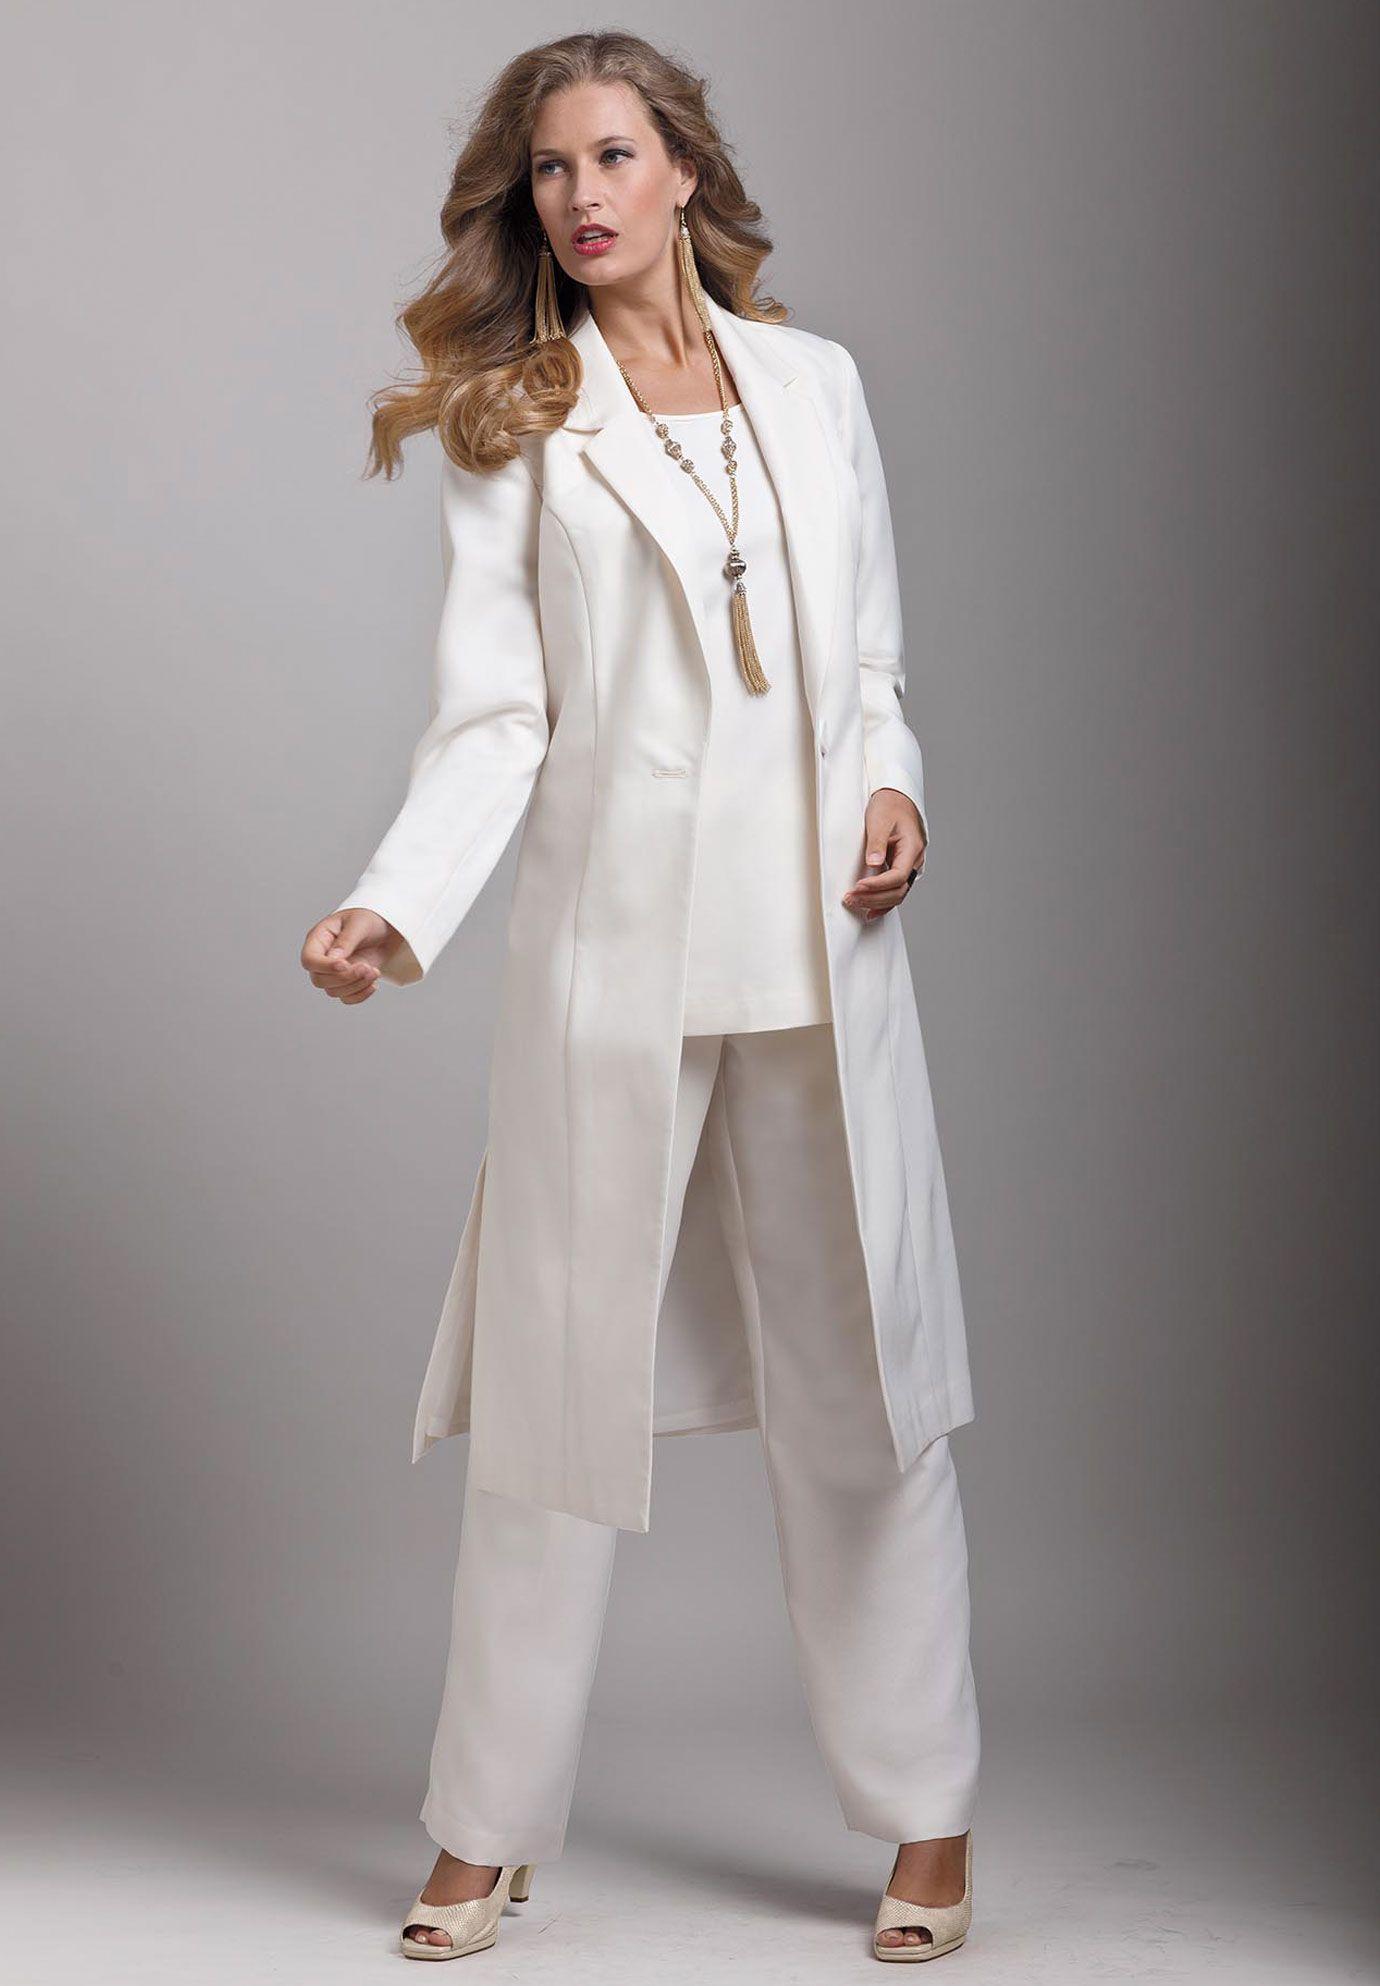 dressy pant suits for fall weddings | Многие представительницы ...